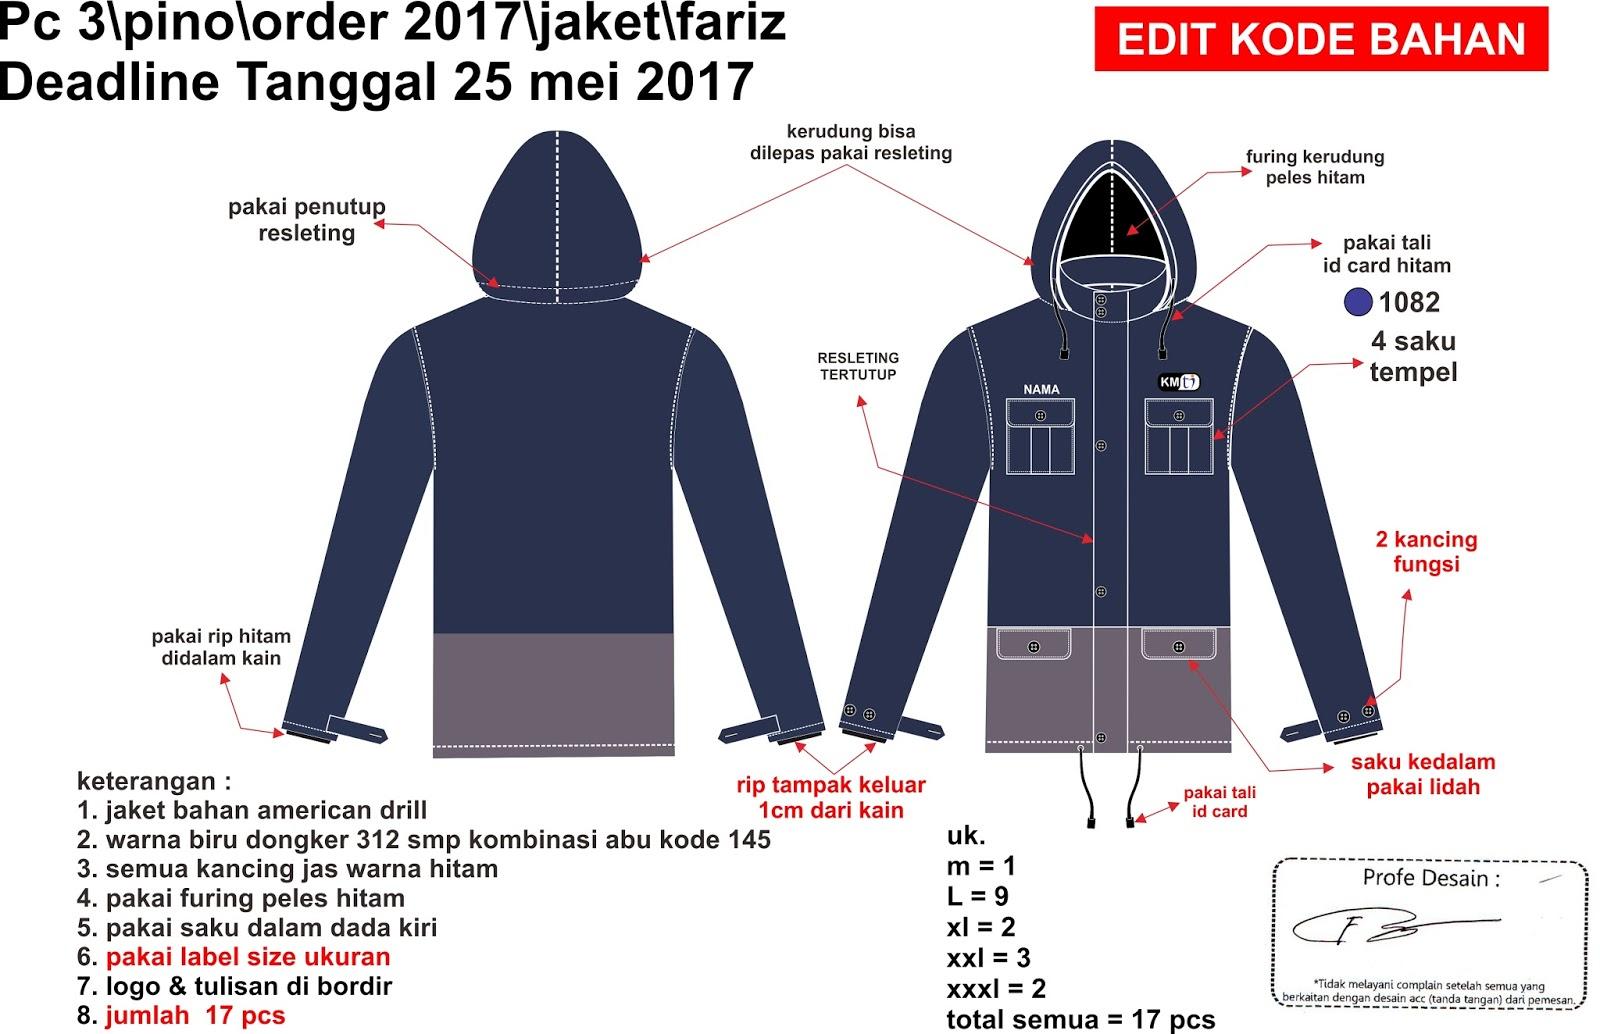 460+ Editor Desain Jaket Terbaik